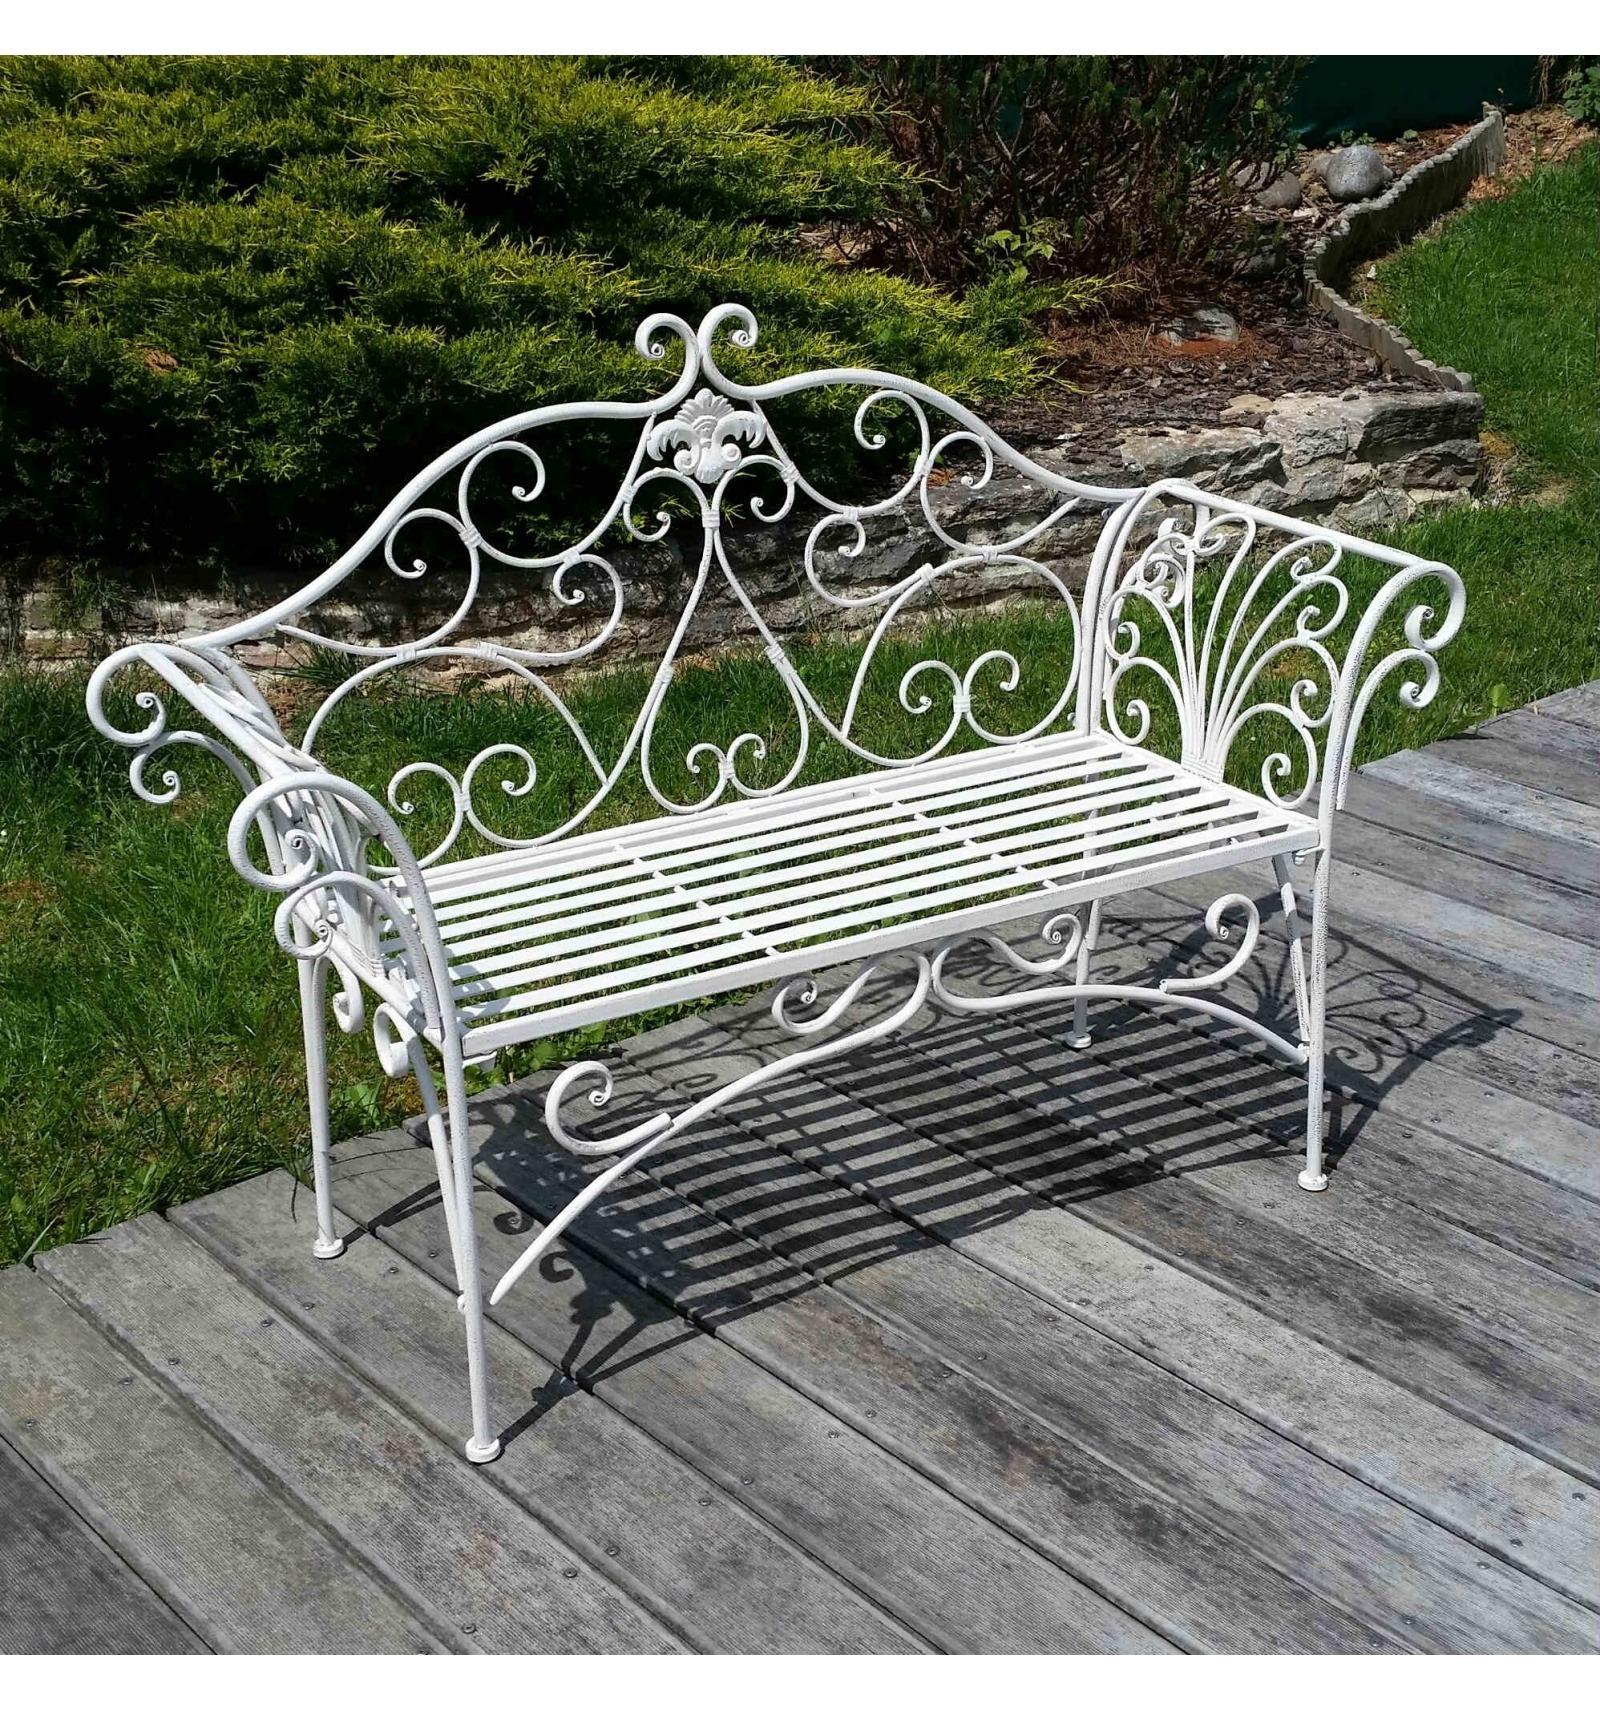 Banco de hierro forjado - muebles de jardín en hierro forjado